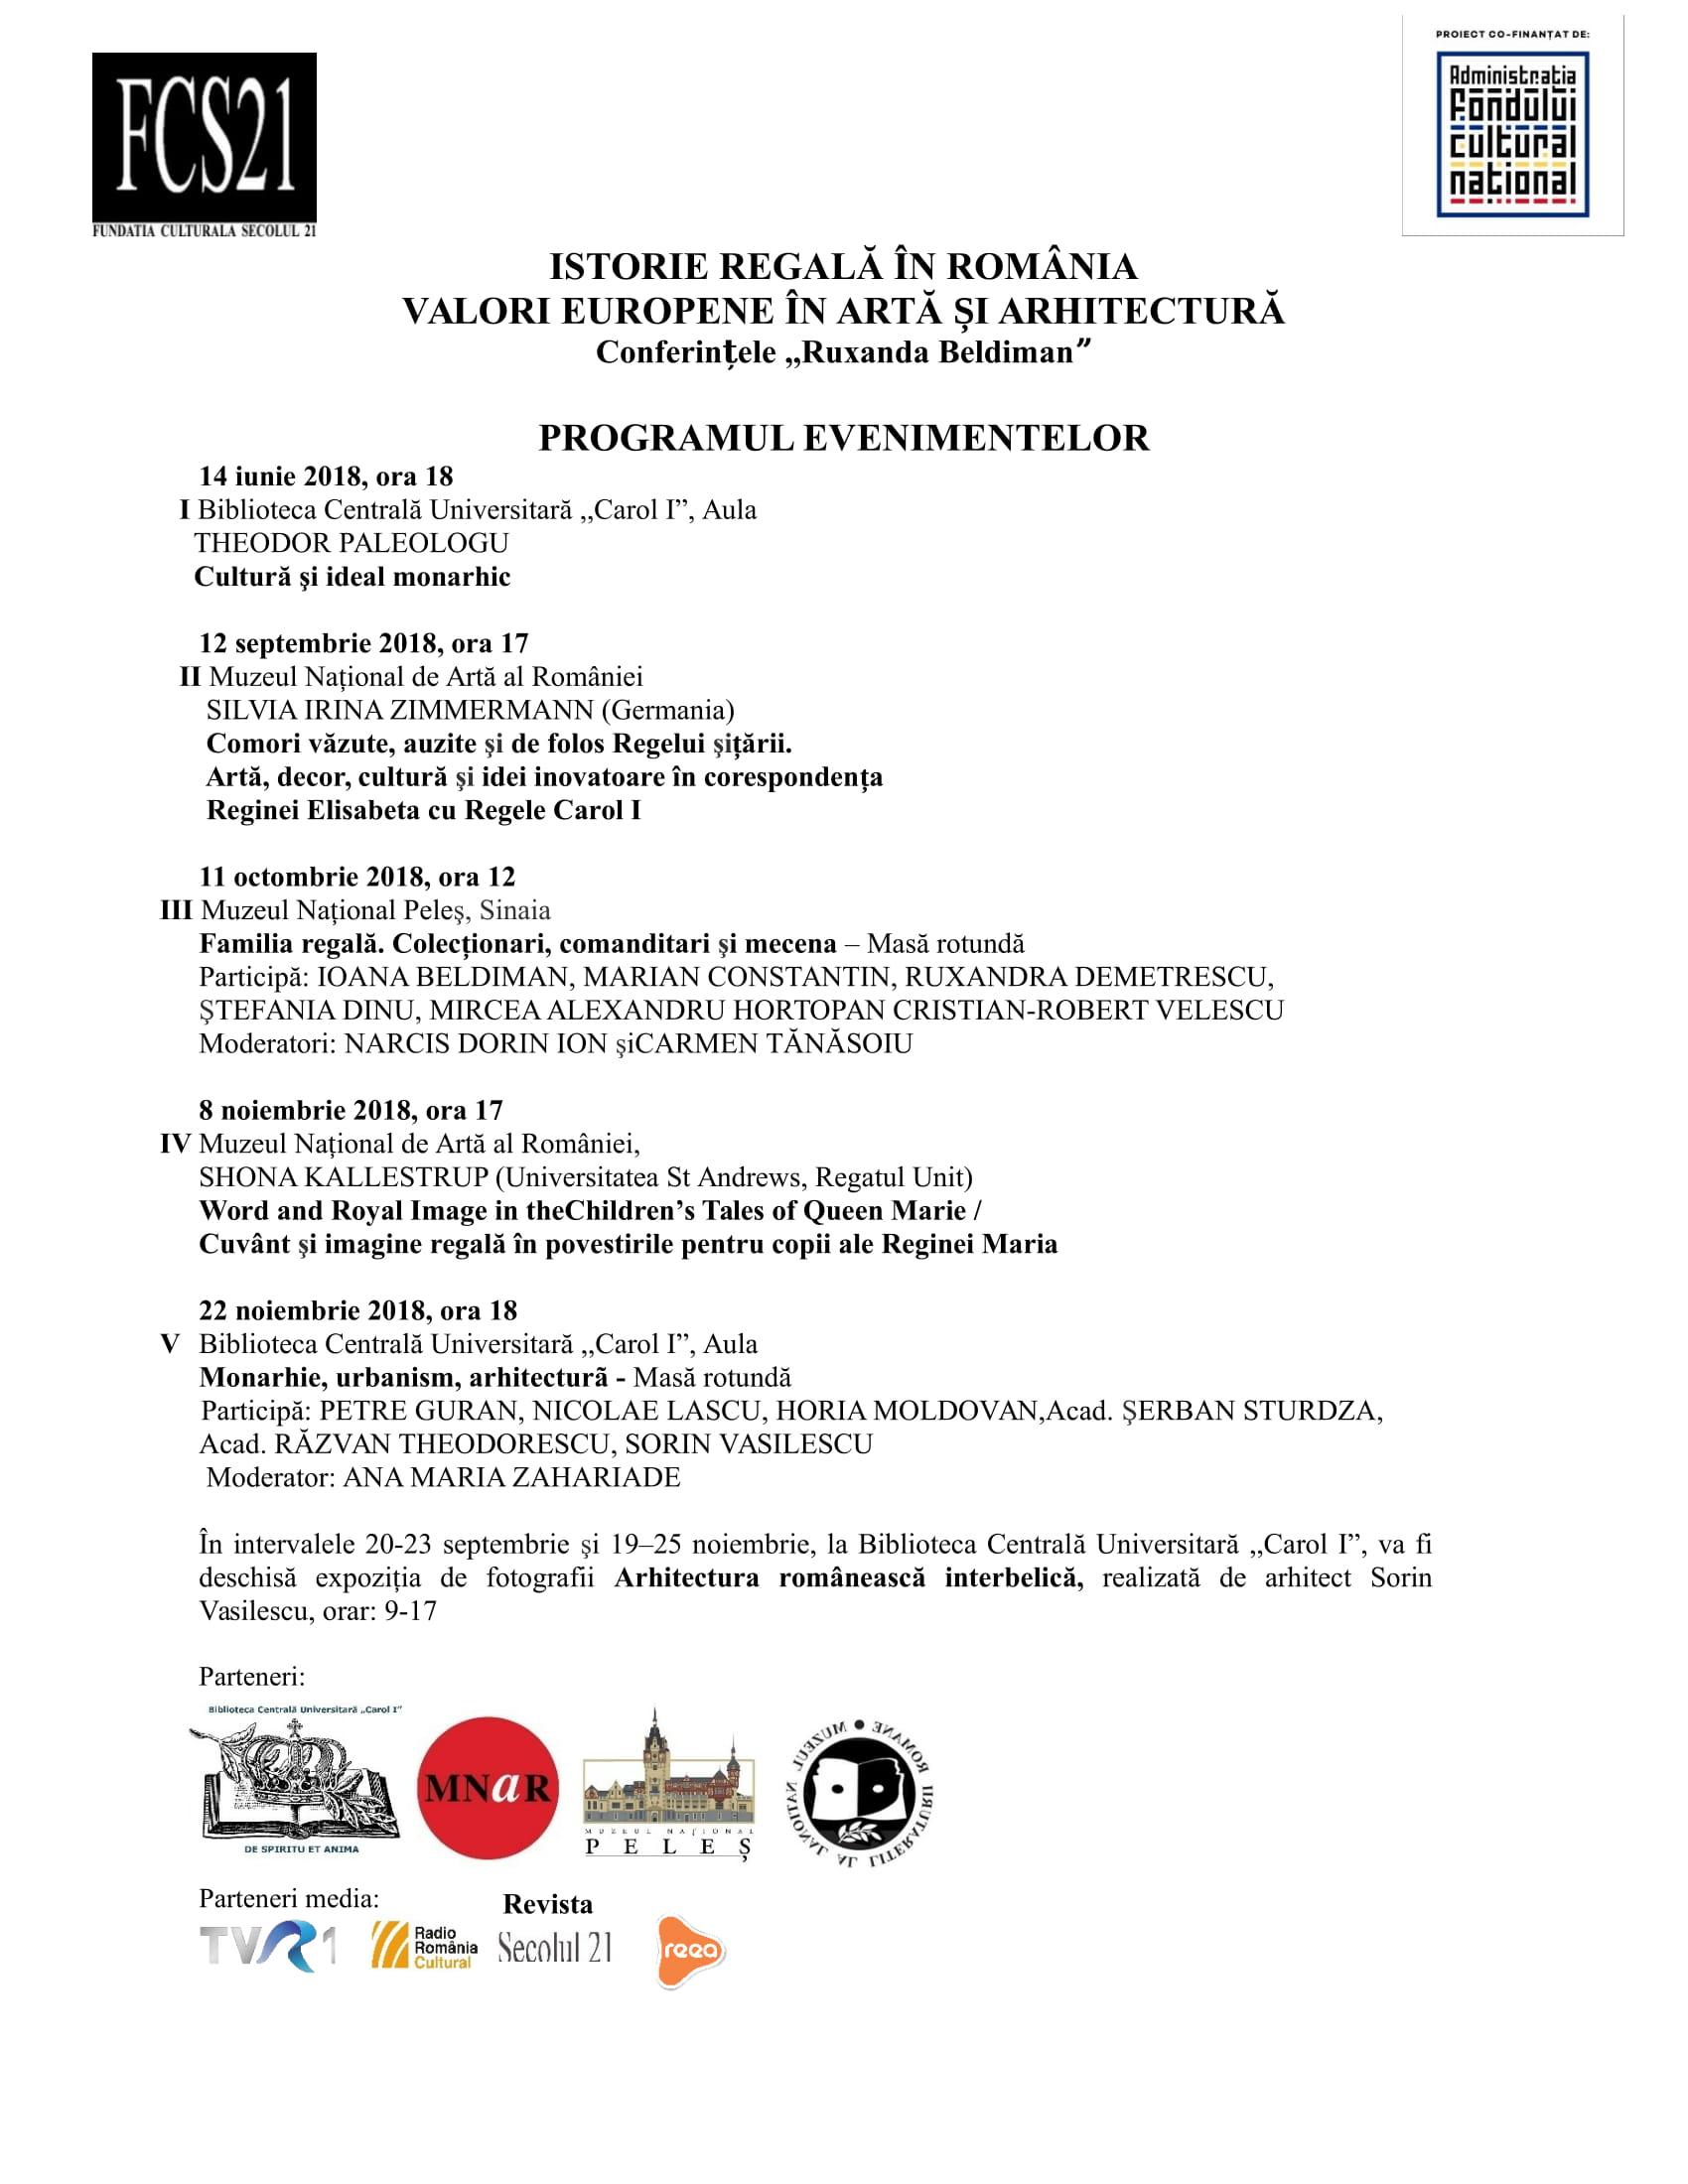 Programul evenimentelor 2